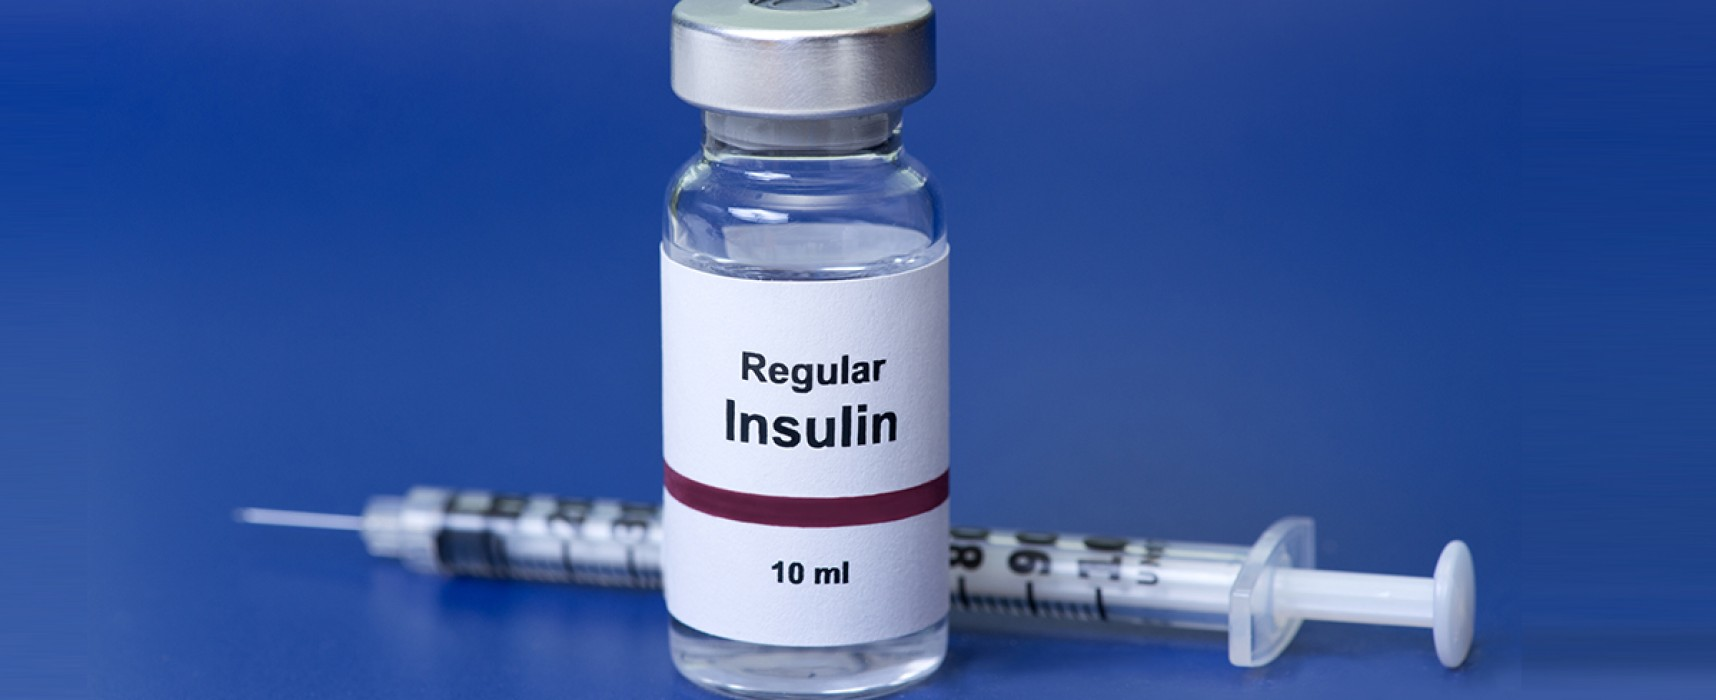 Gastos com diabetes pode levar a saúde pública à falência